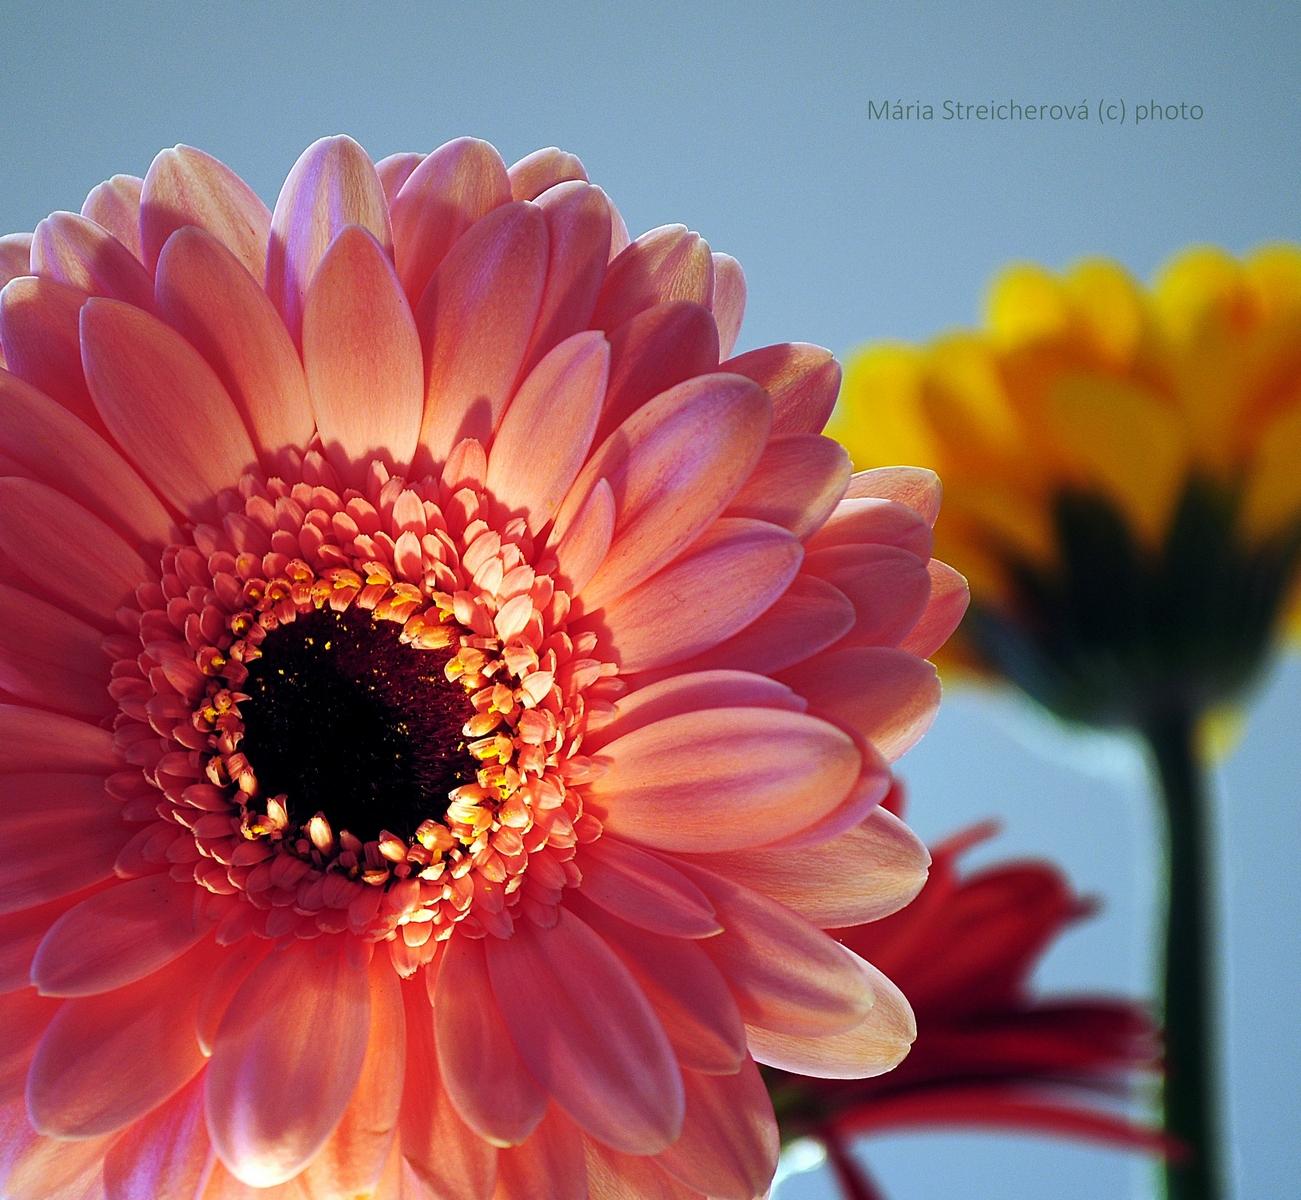 Detail kvetu ružovej gerbery, v pozadí žltý a červený kvet.